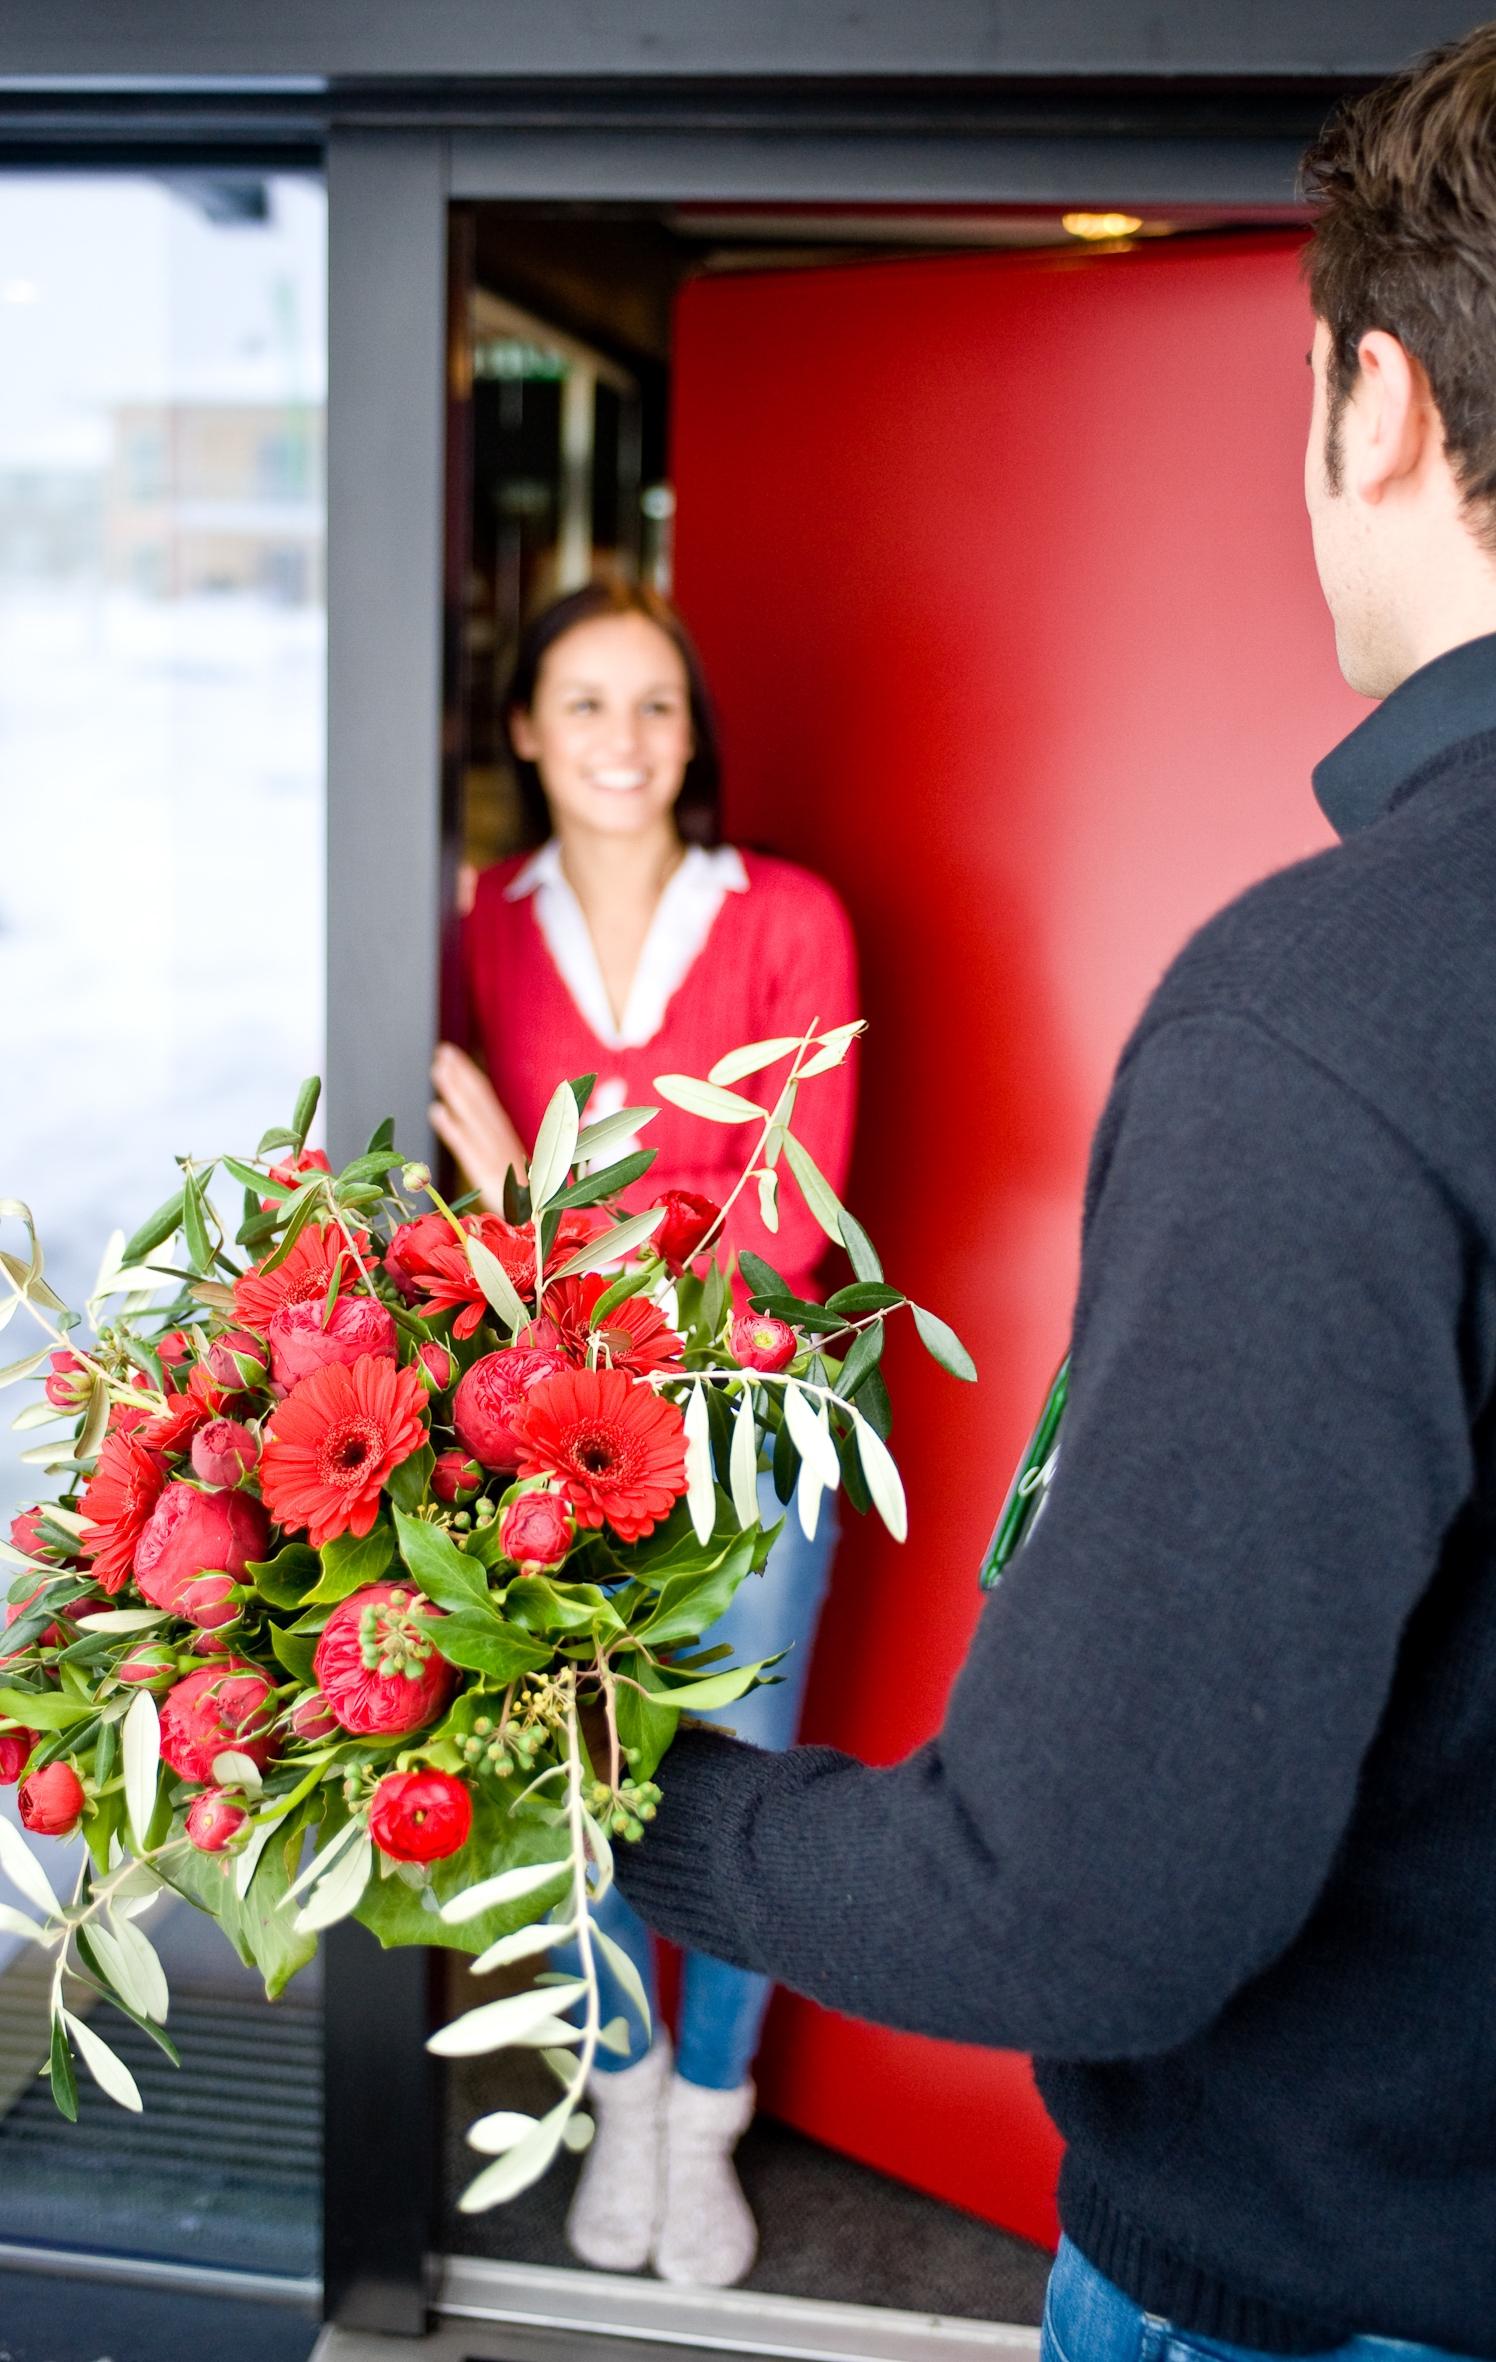 Auch für Schüchterne geeignet: Am Valentinstag einfach mal Blumen schenken